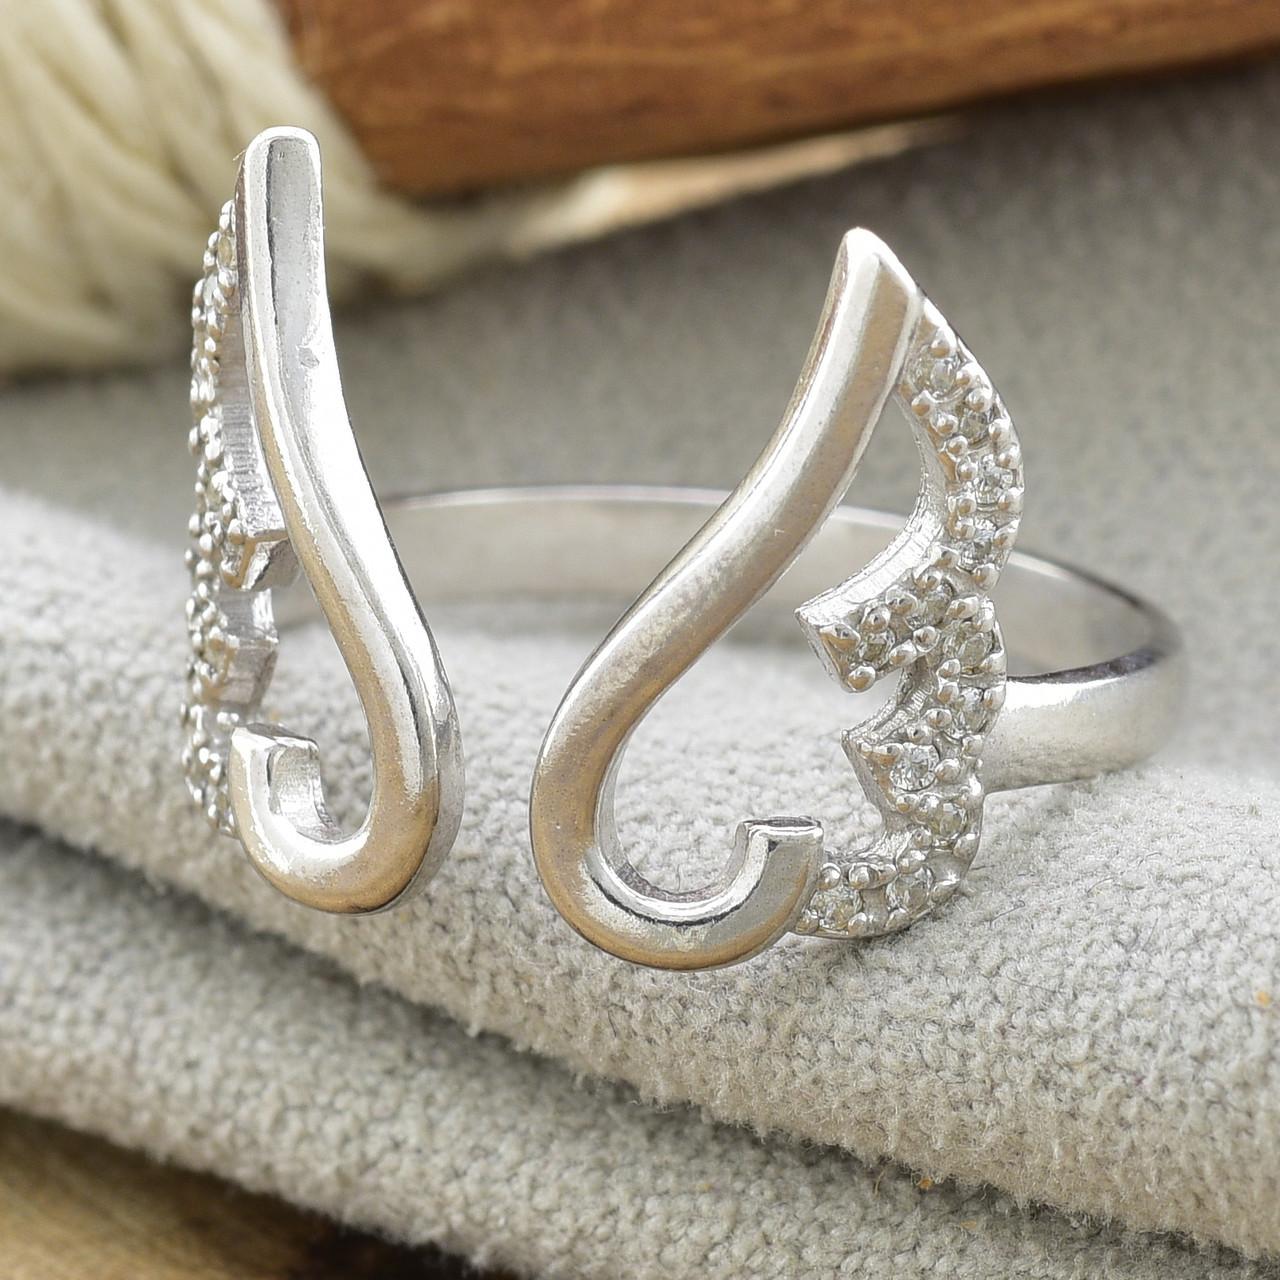 Серебряное кольцо Крылья ангела вес 2.16 г размер 18